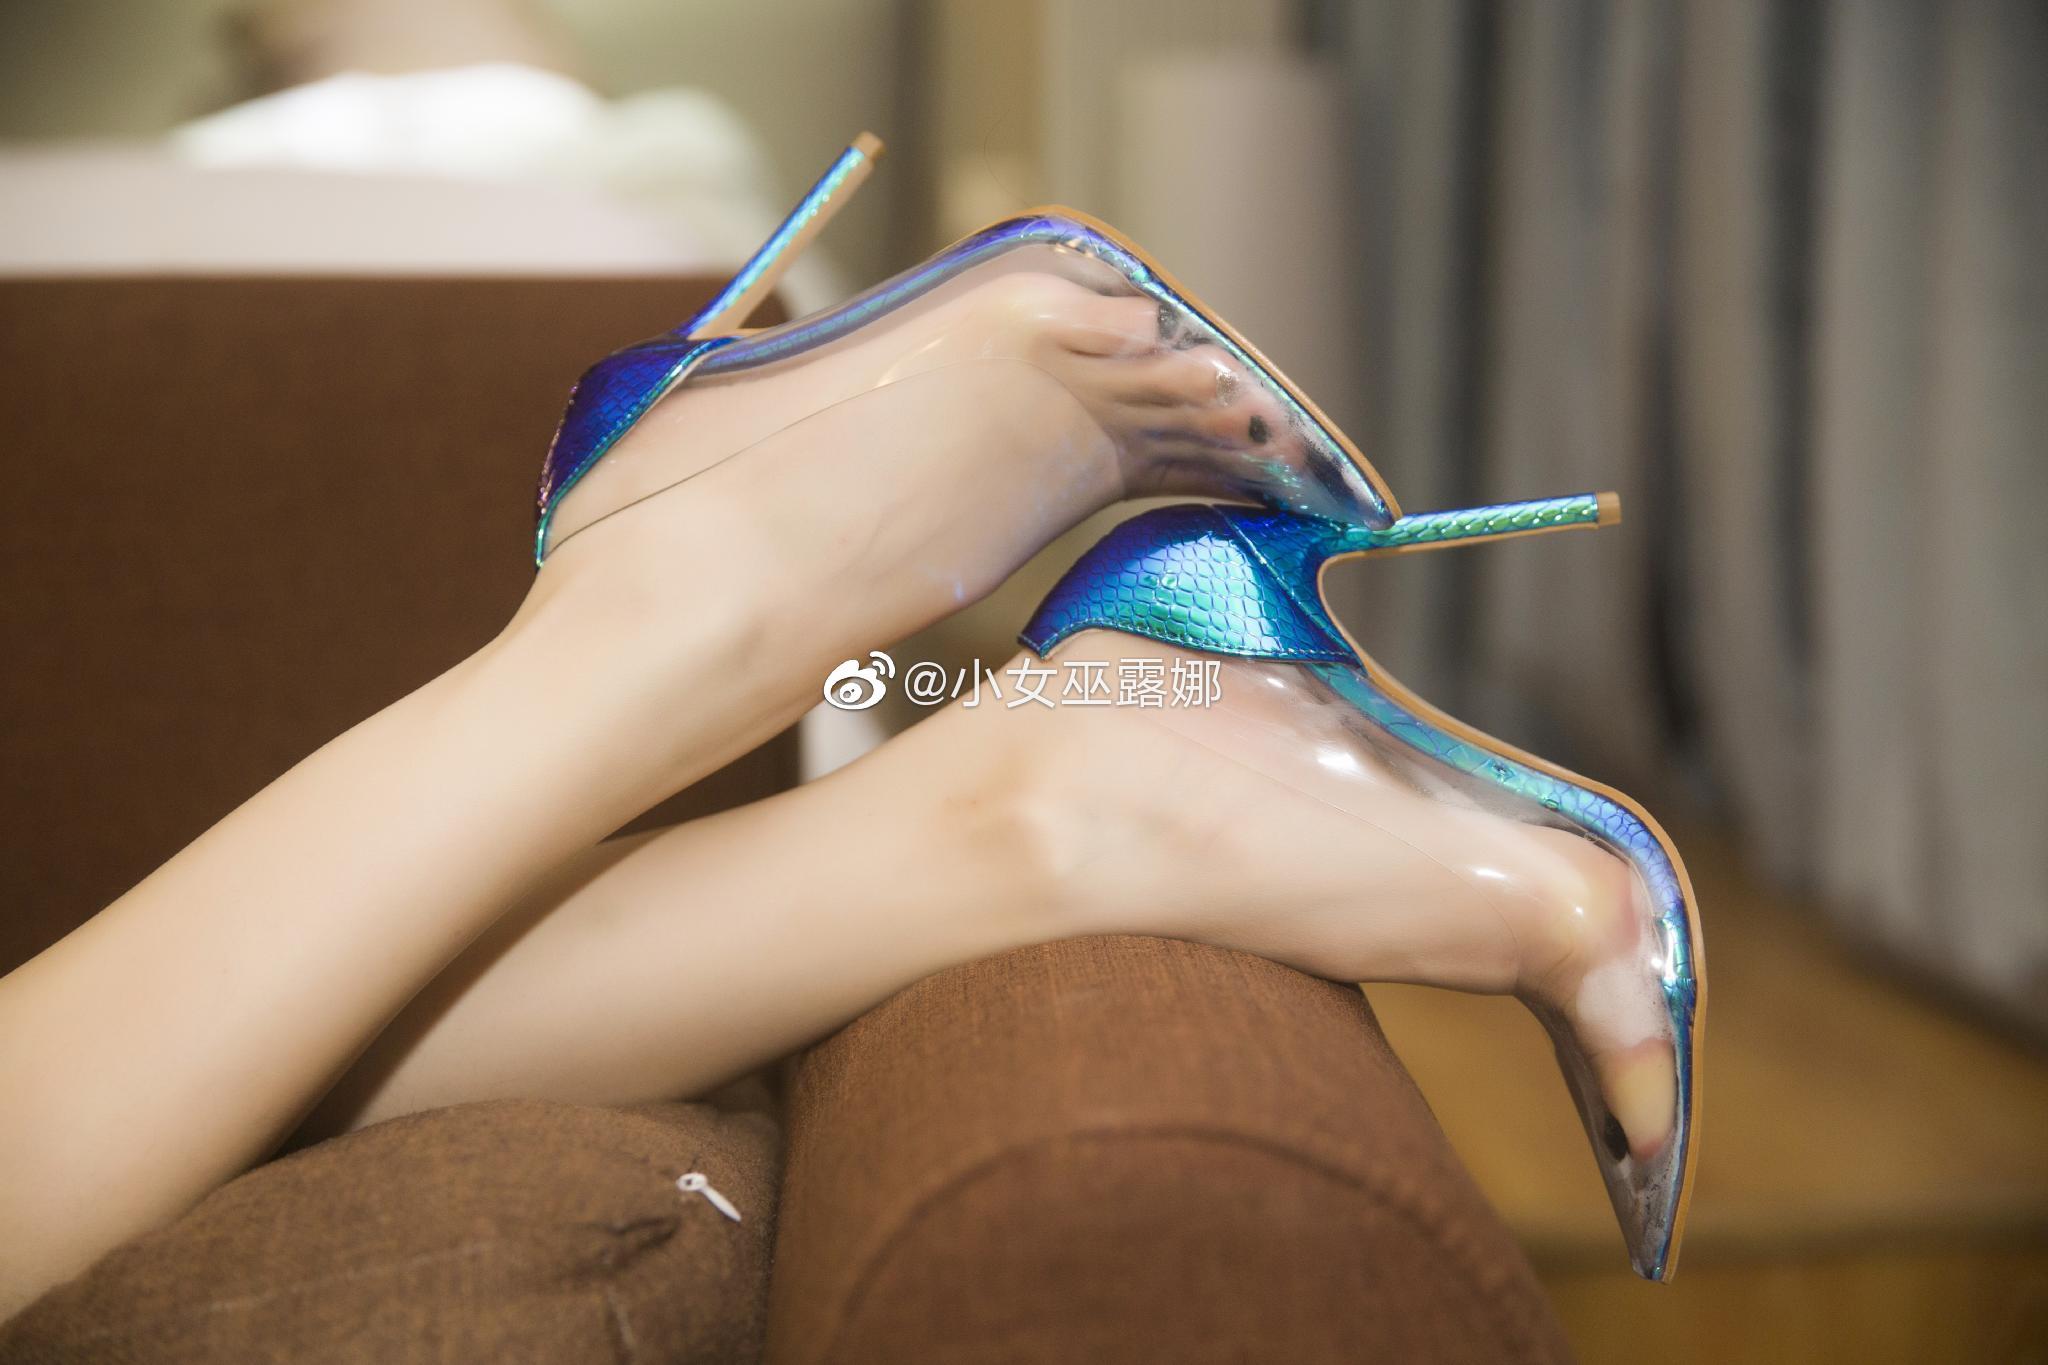 斗鱼主播小女巫露娜的腿子图集 美女写真-第13张